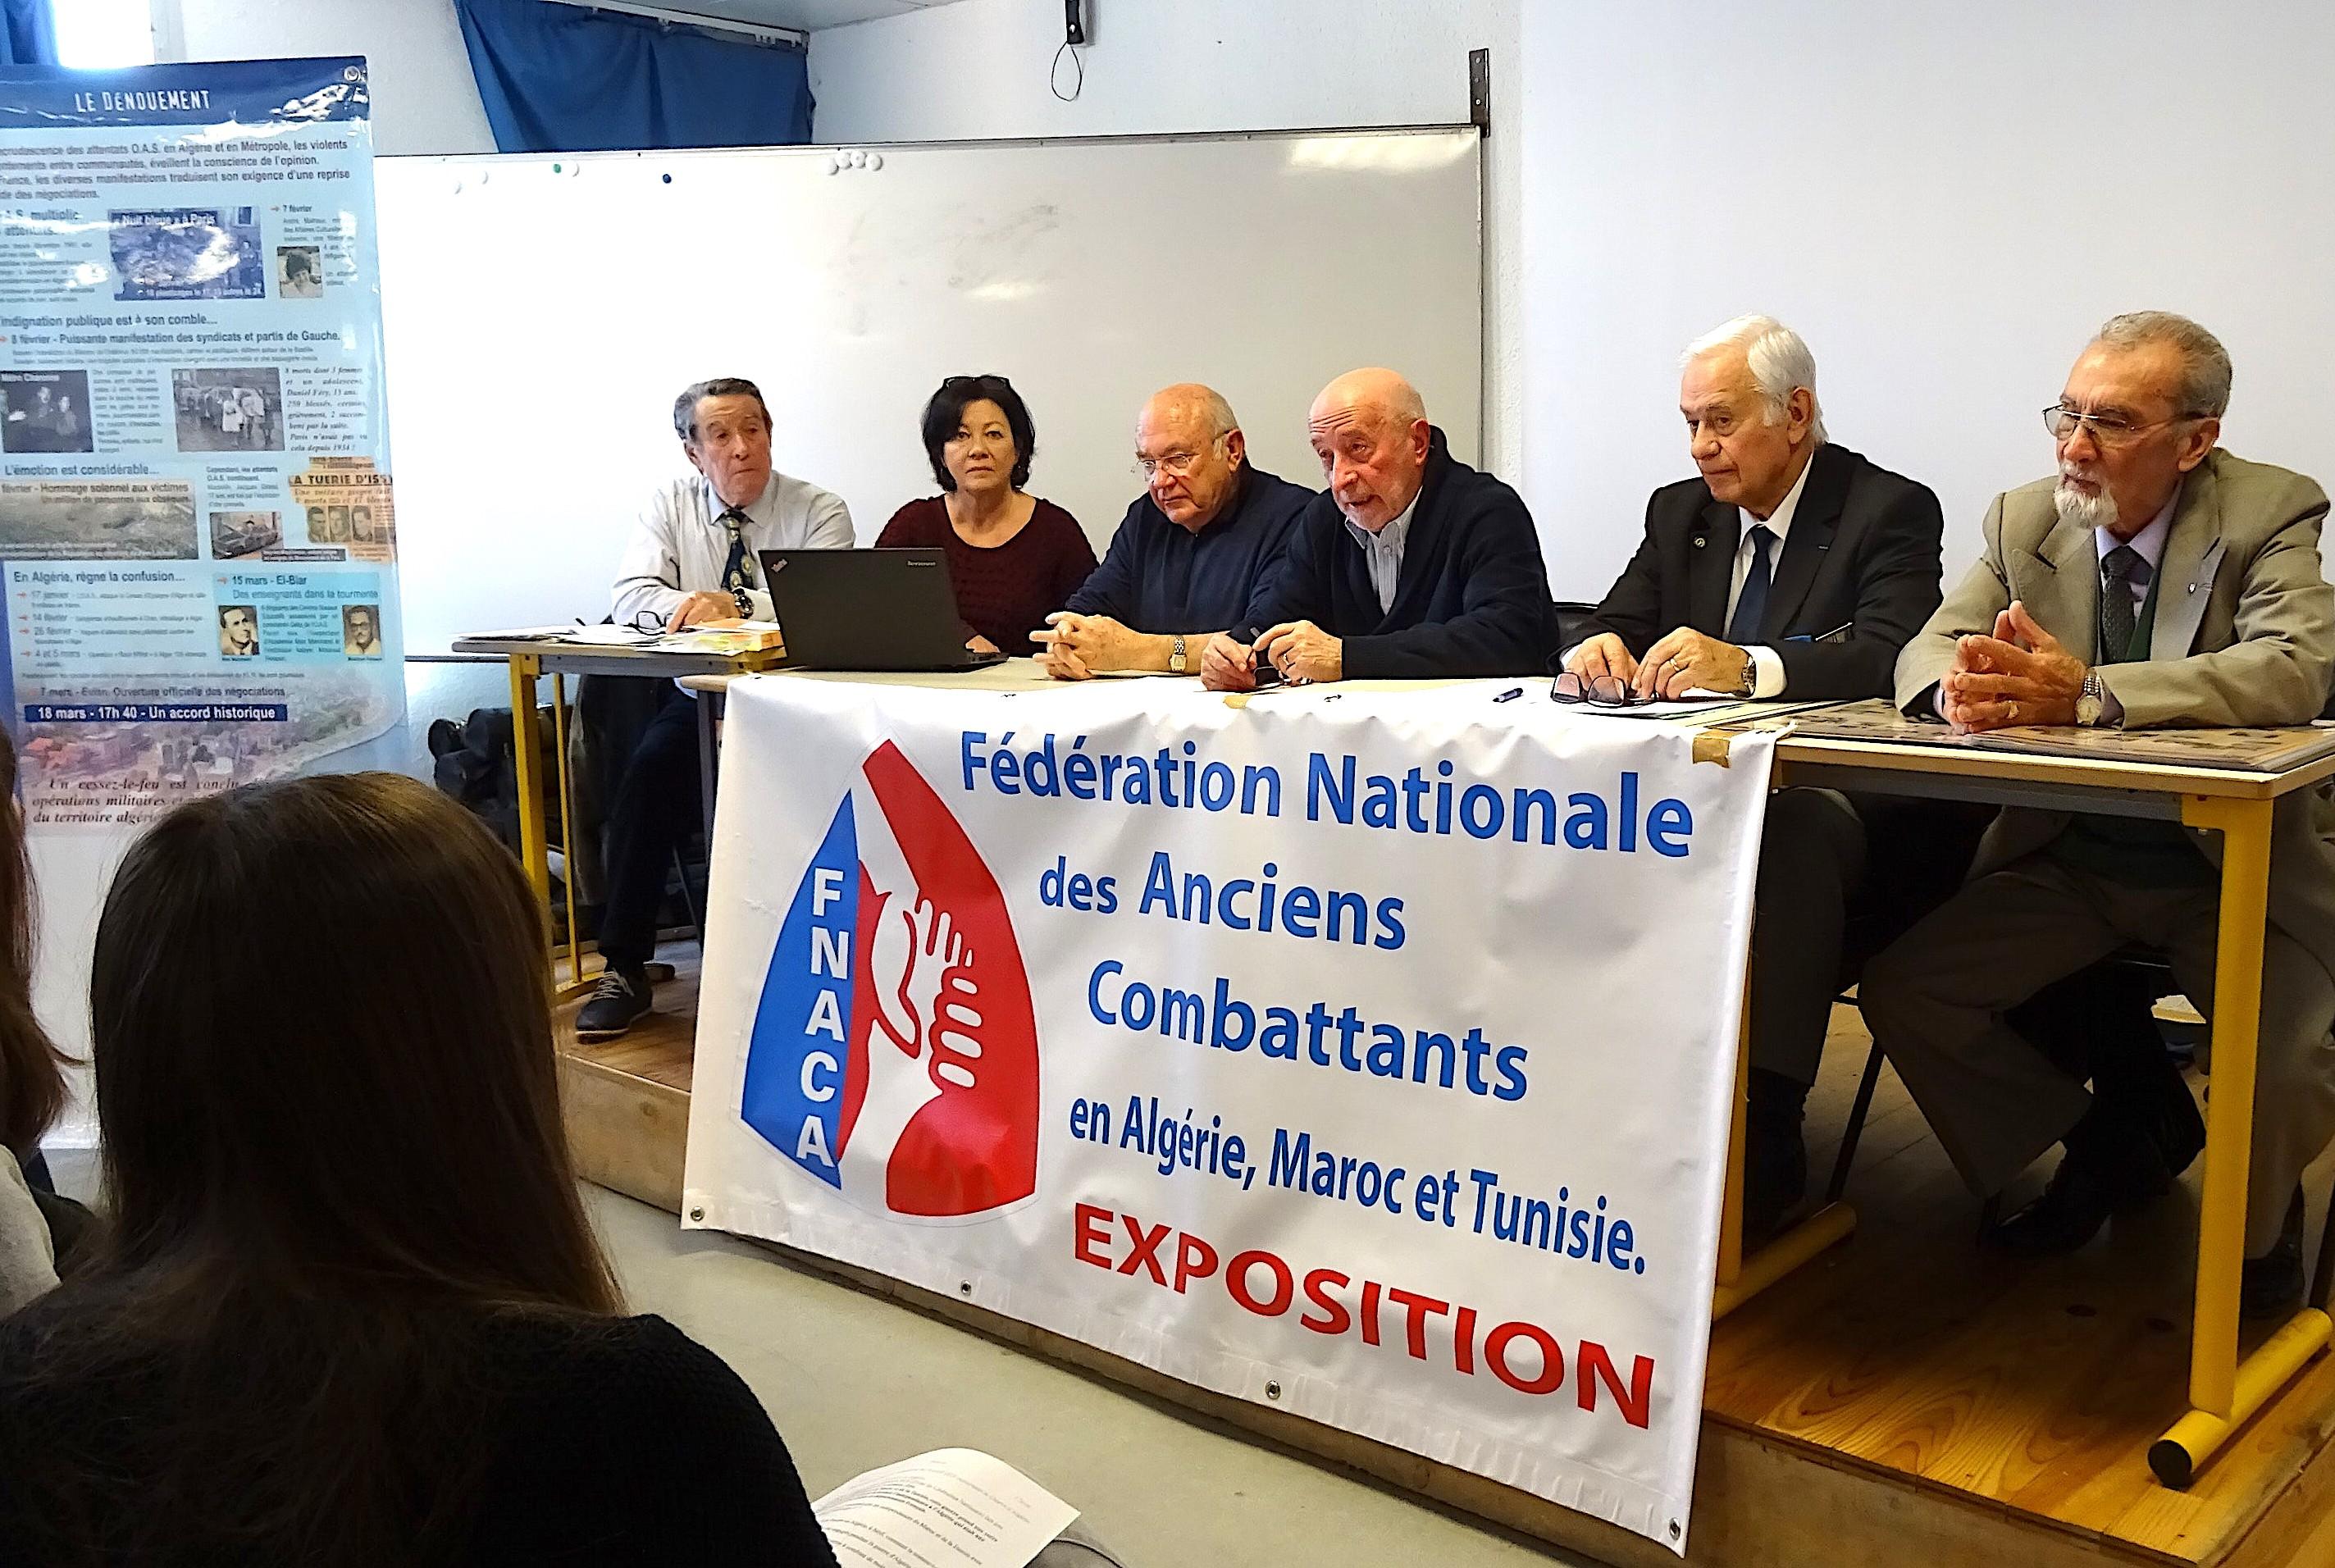 Gilbert Joncheray, Patricia Mariani, Robert Kran, Jean Raffi, Antoine Vincensini, Claude Pianne